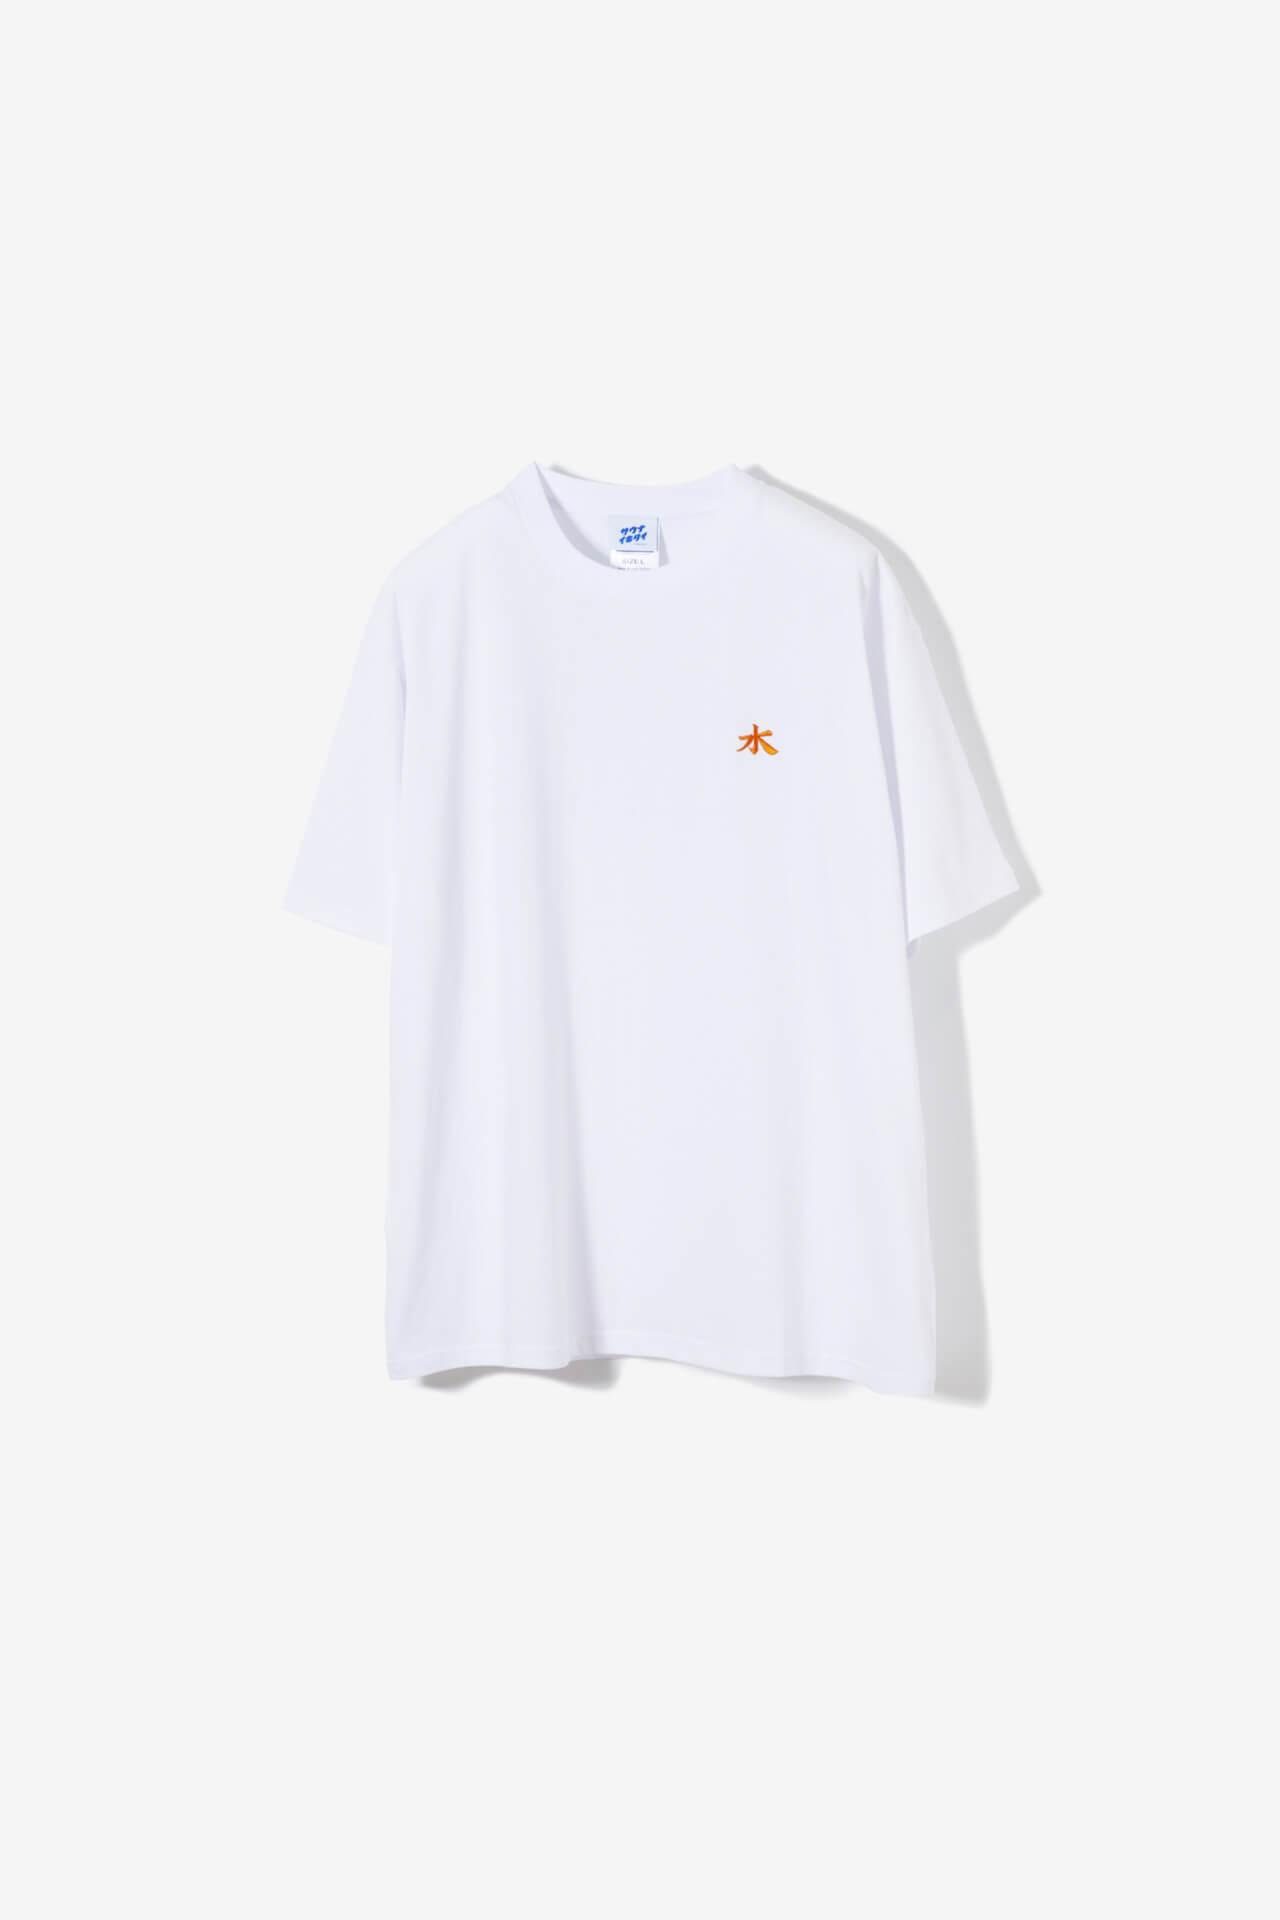 サウナイキタイのサウナグッズ2021年夏バージョンが発売!ペリカンシャツ、サコッシュなど5アイテムが登場 life210729_saunaikitai_14